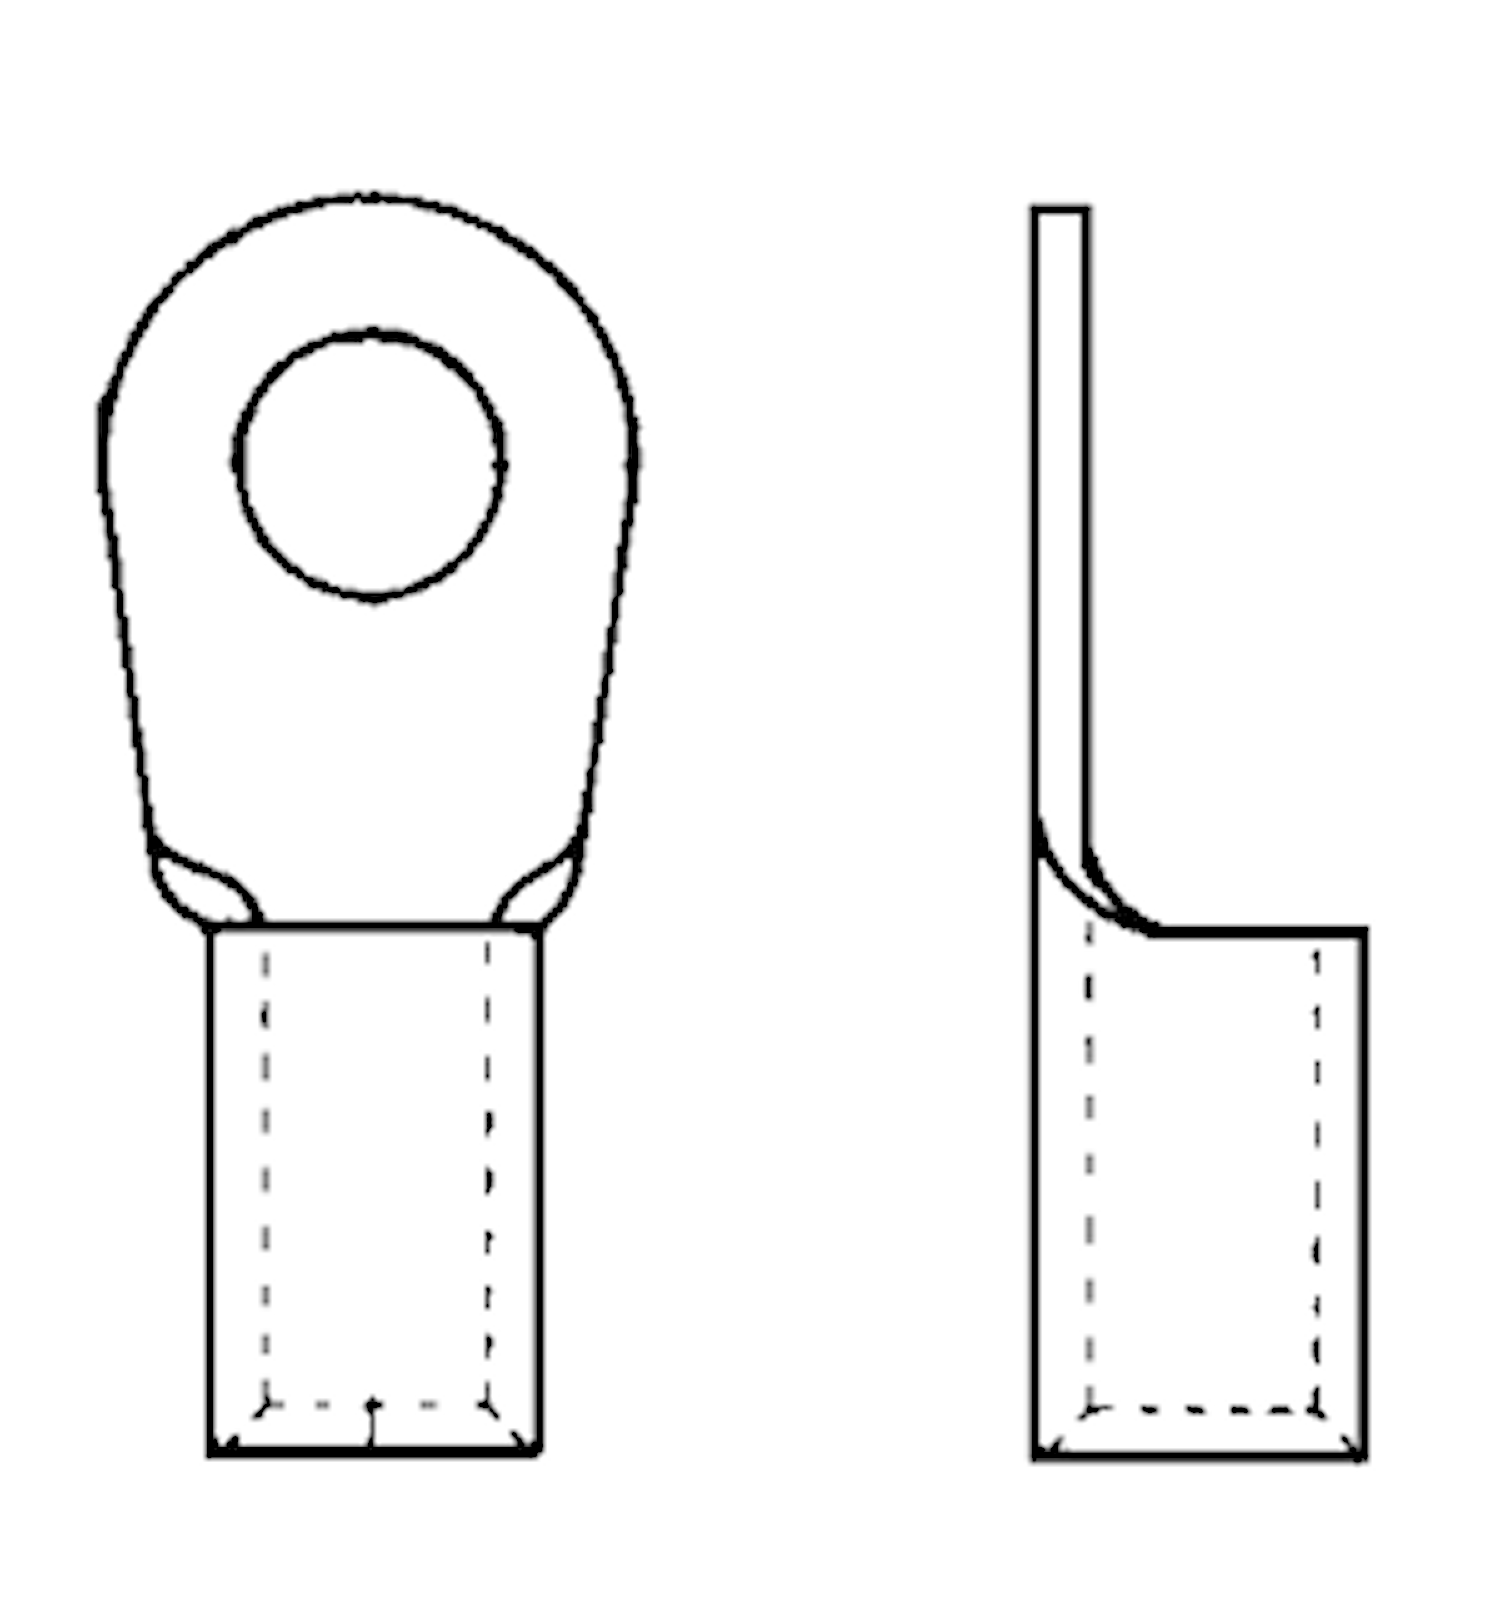 Presskabelsko 8,4mm , 10mm²